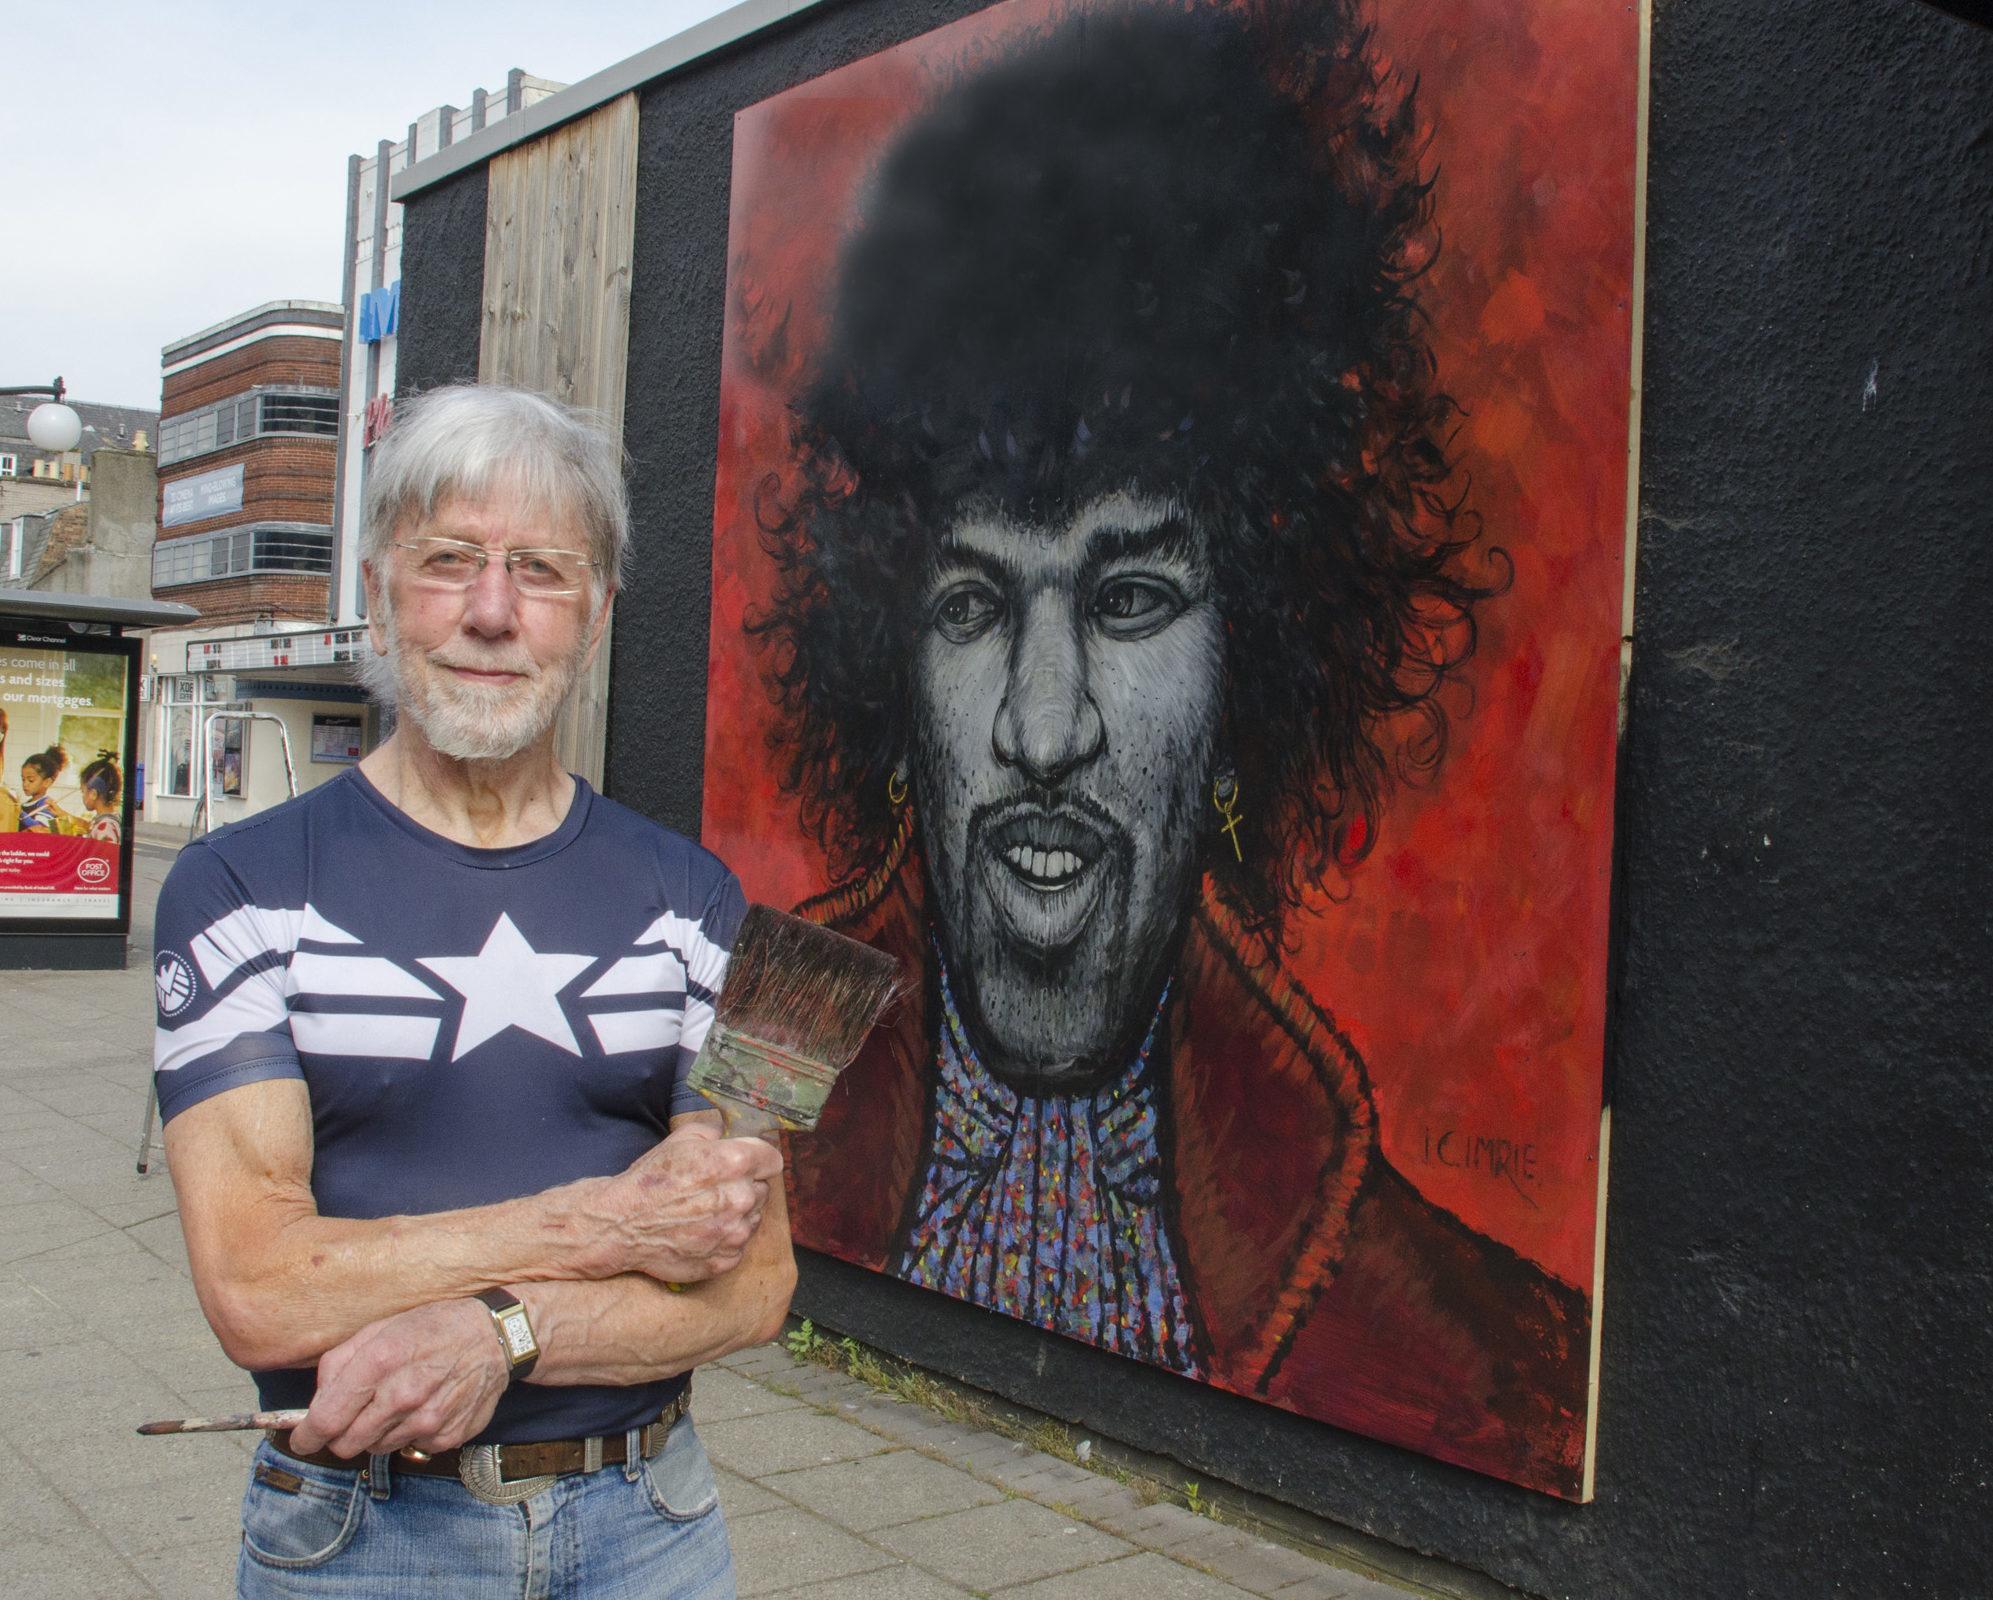 Artist Ian Imrie.